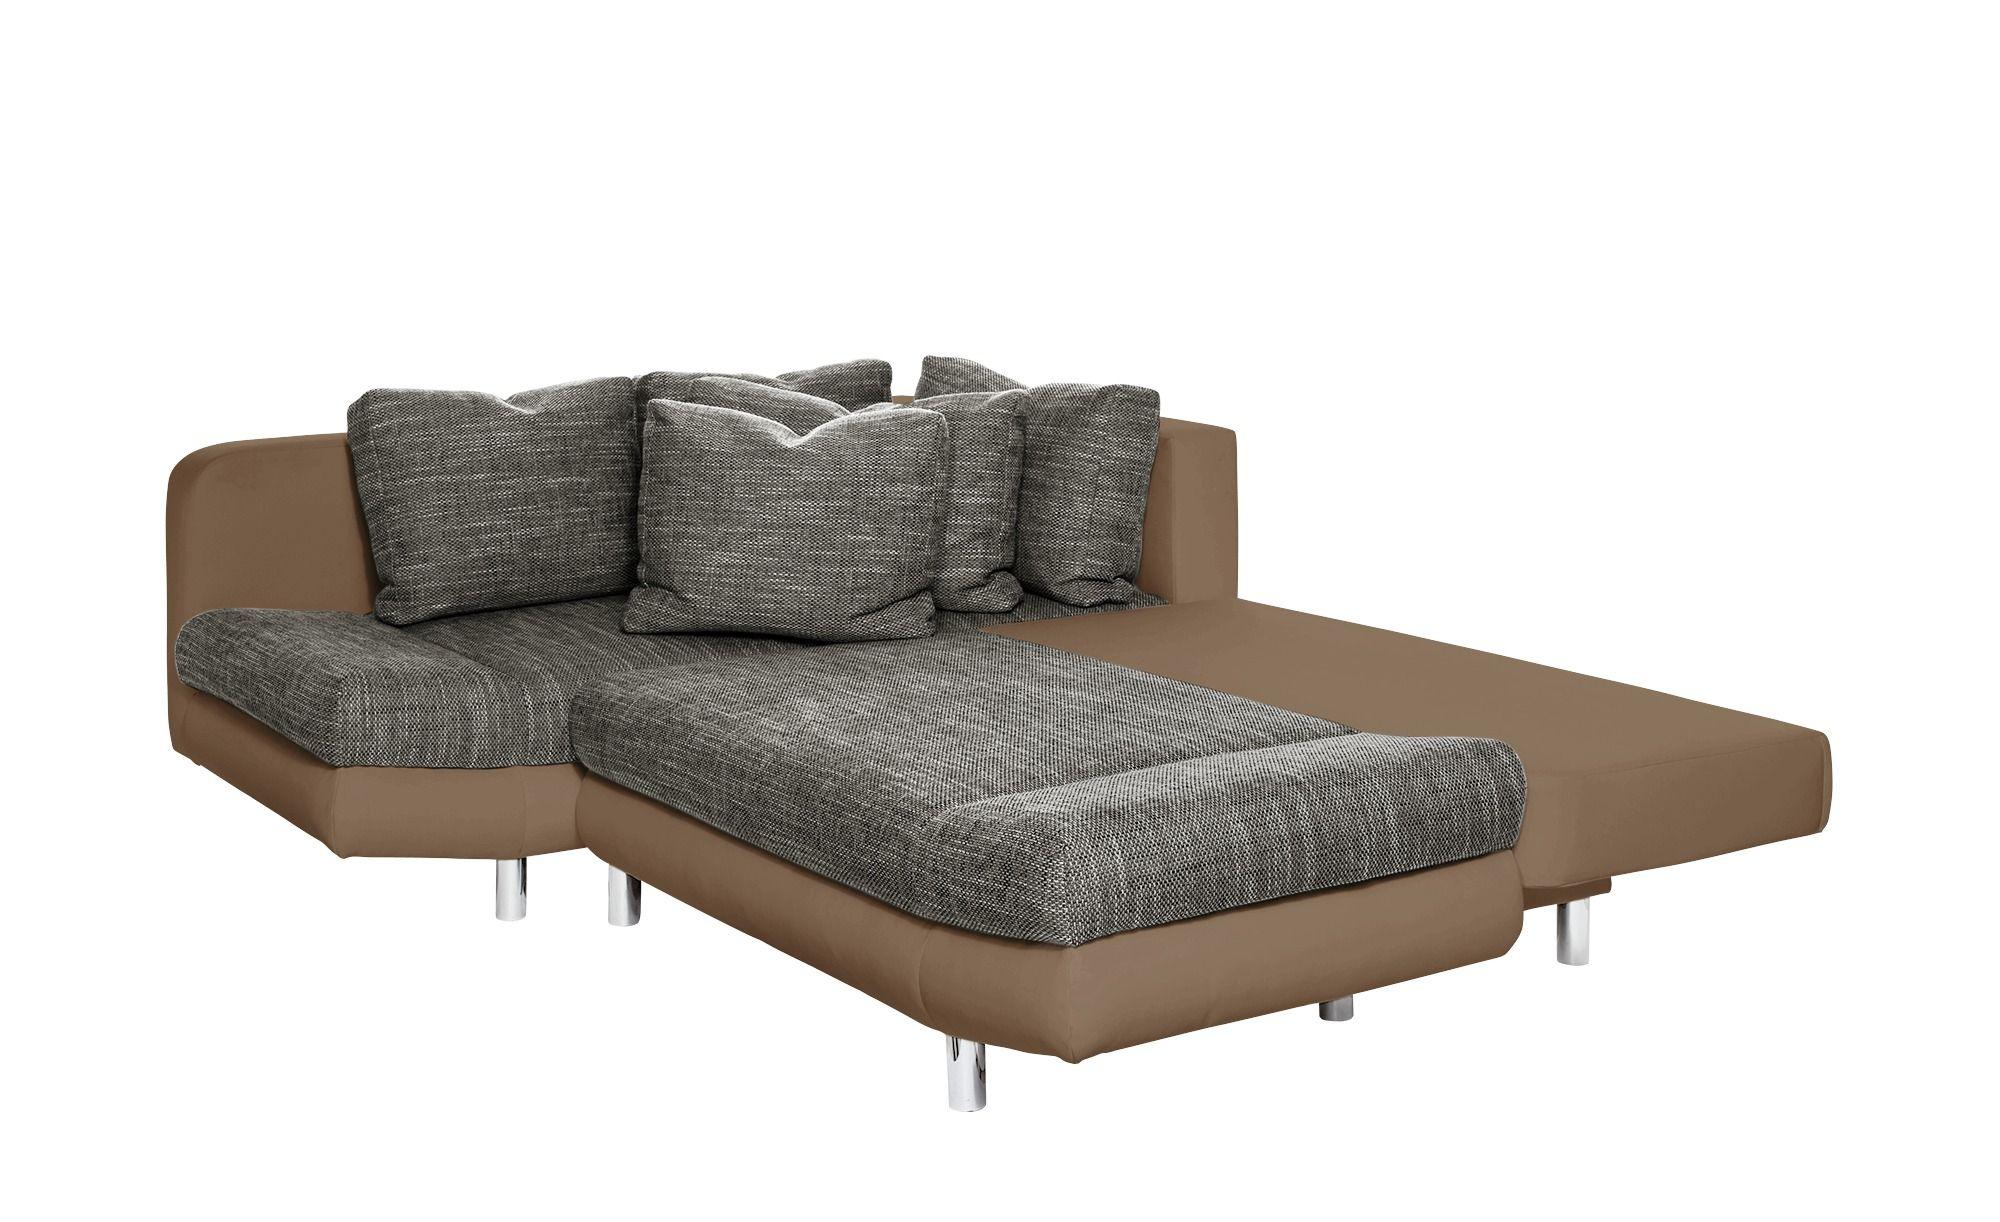 Smart Eckcouch Mit Schlaffunktion Braun Grau Kunstleder Webstoff Mila Ecksofa Graues Sofa Und Sofa